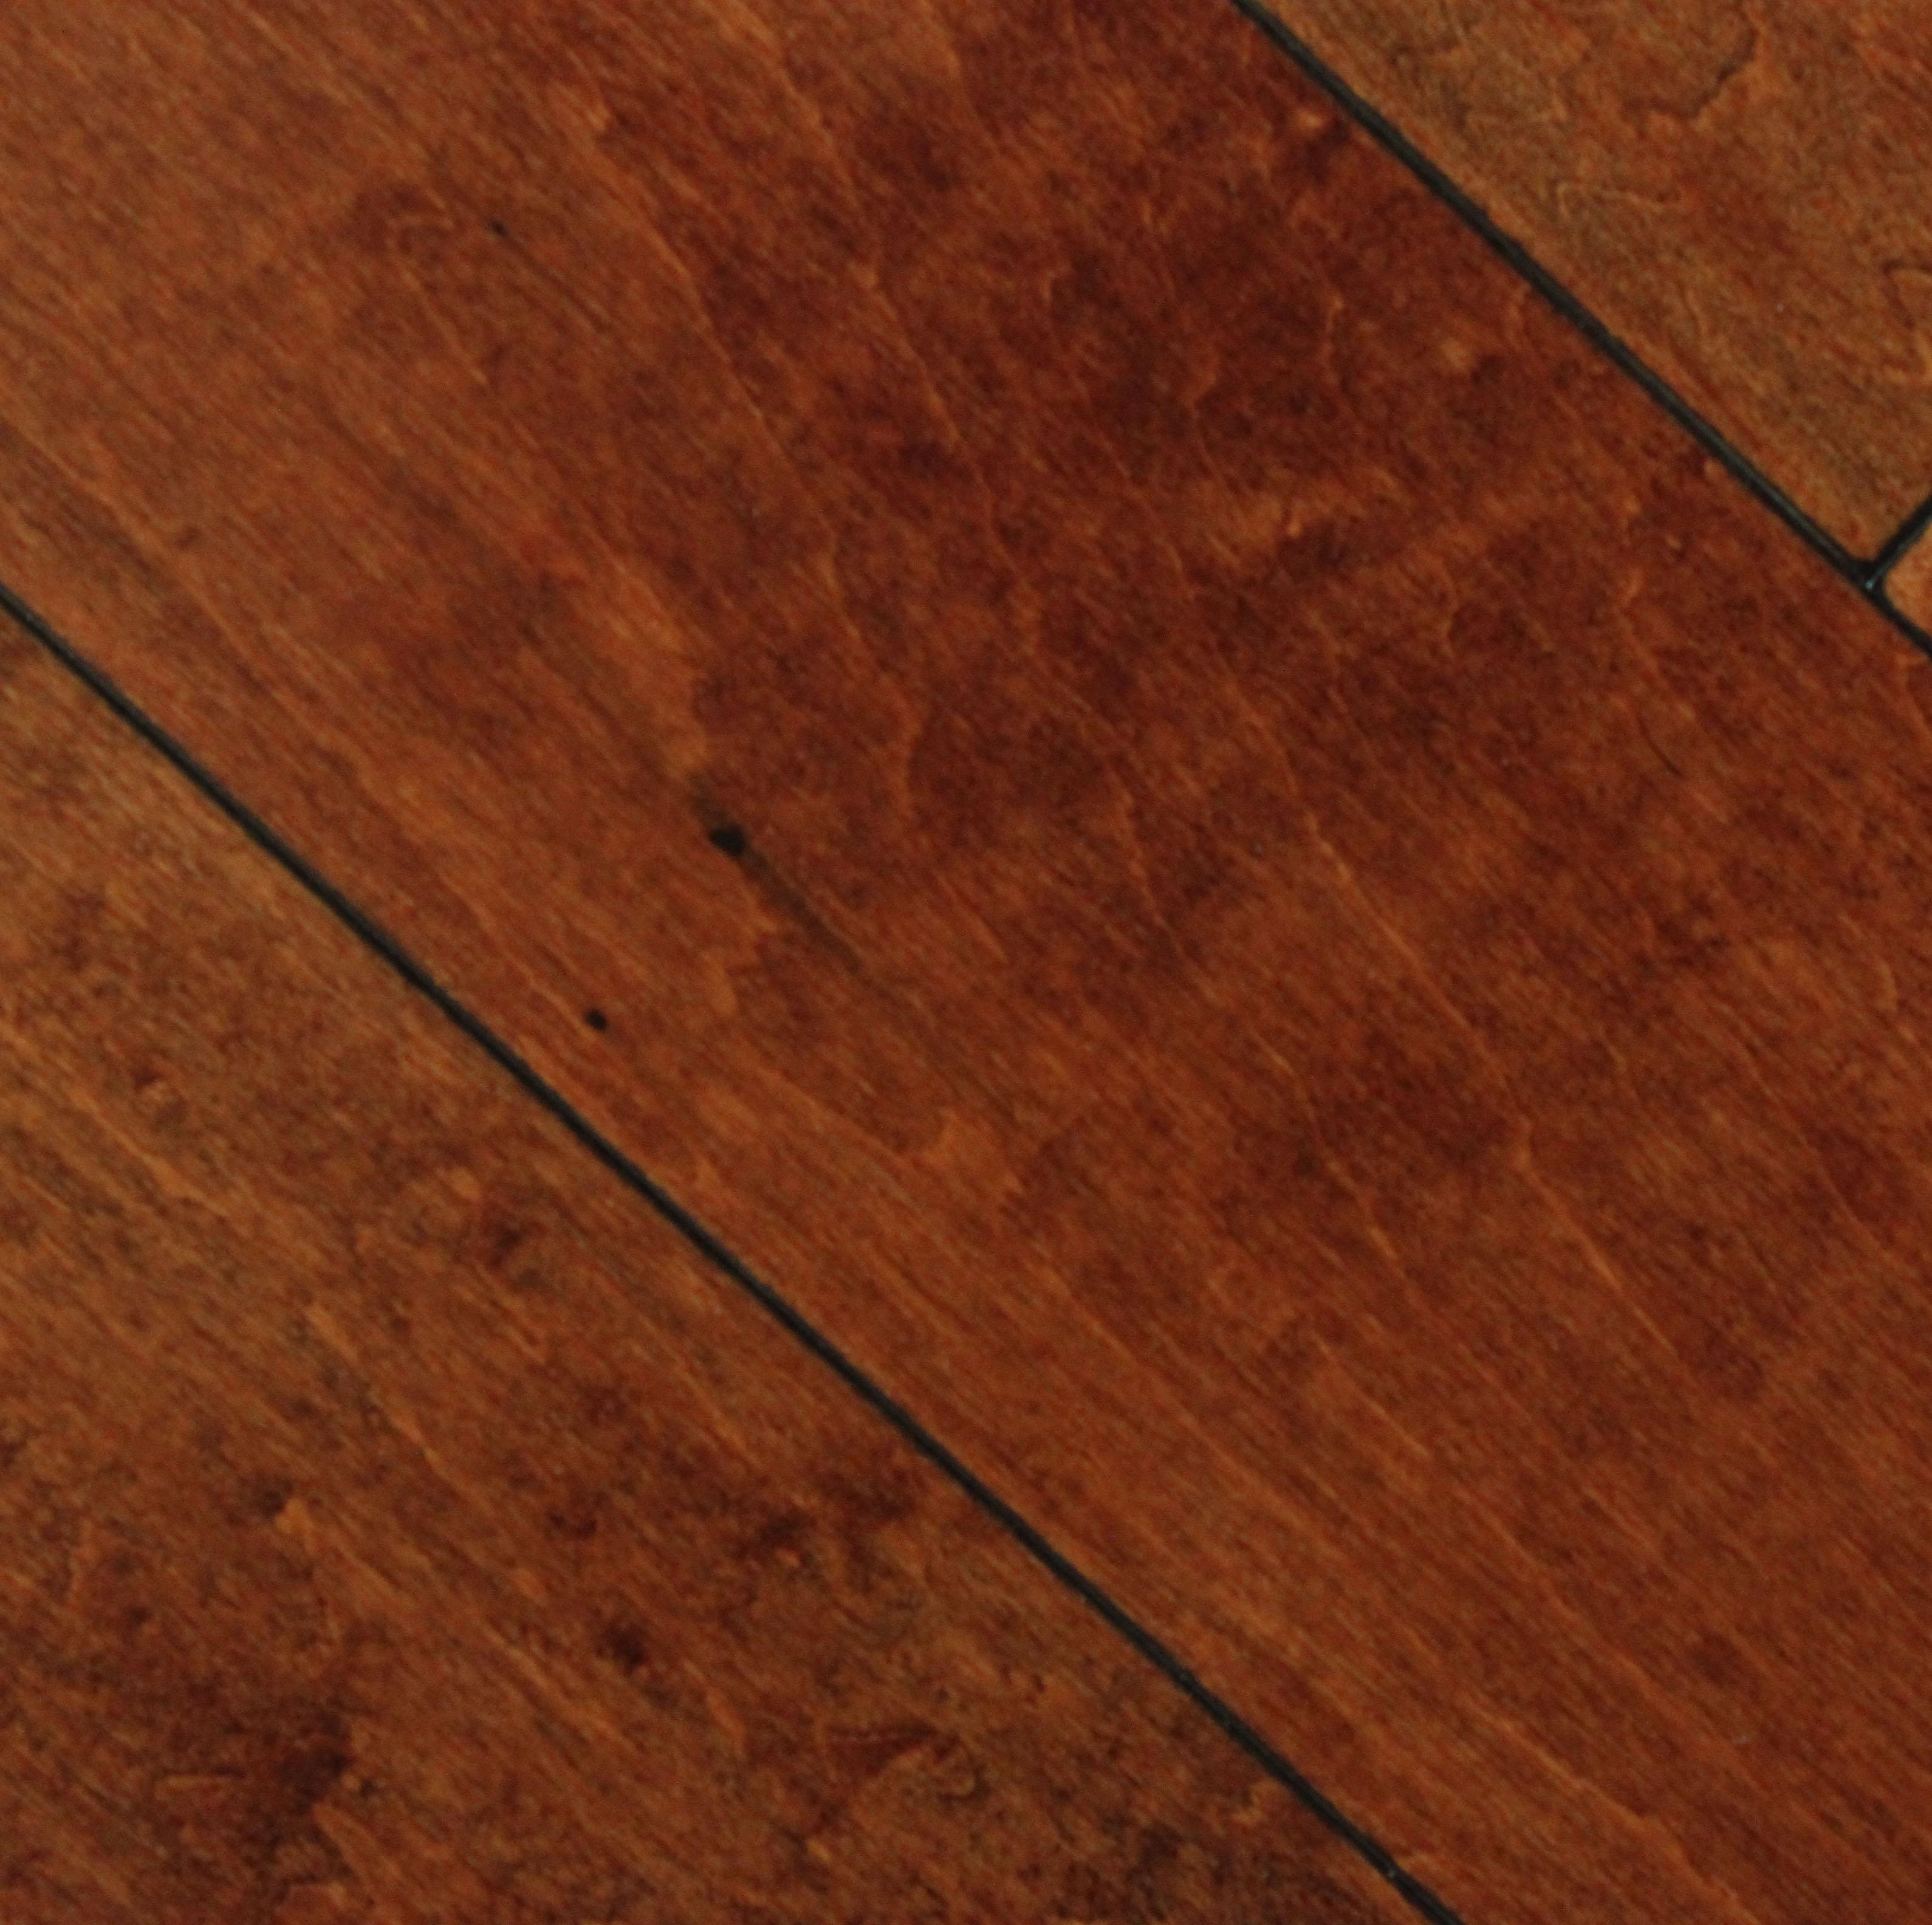 Johnson Hardwood Puts Their Focus on Engineered Flooring